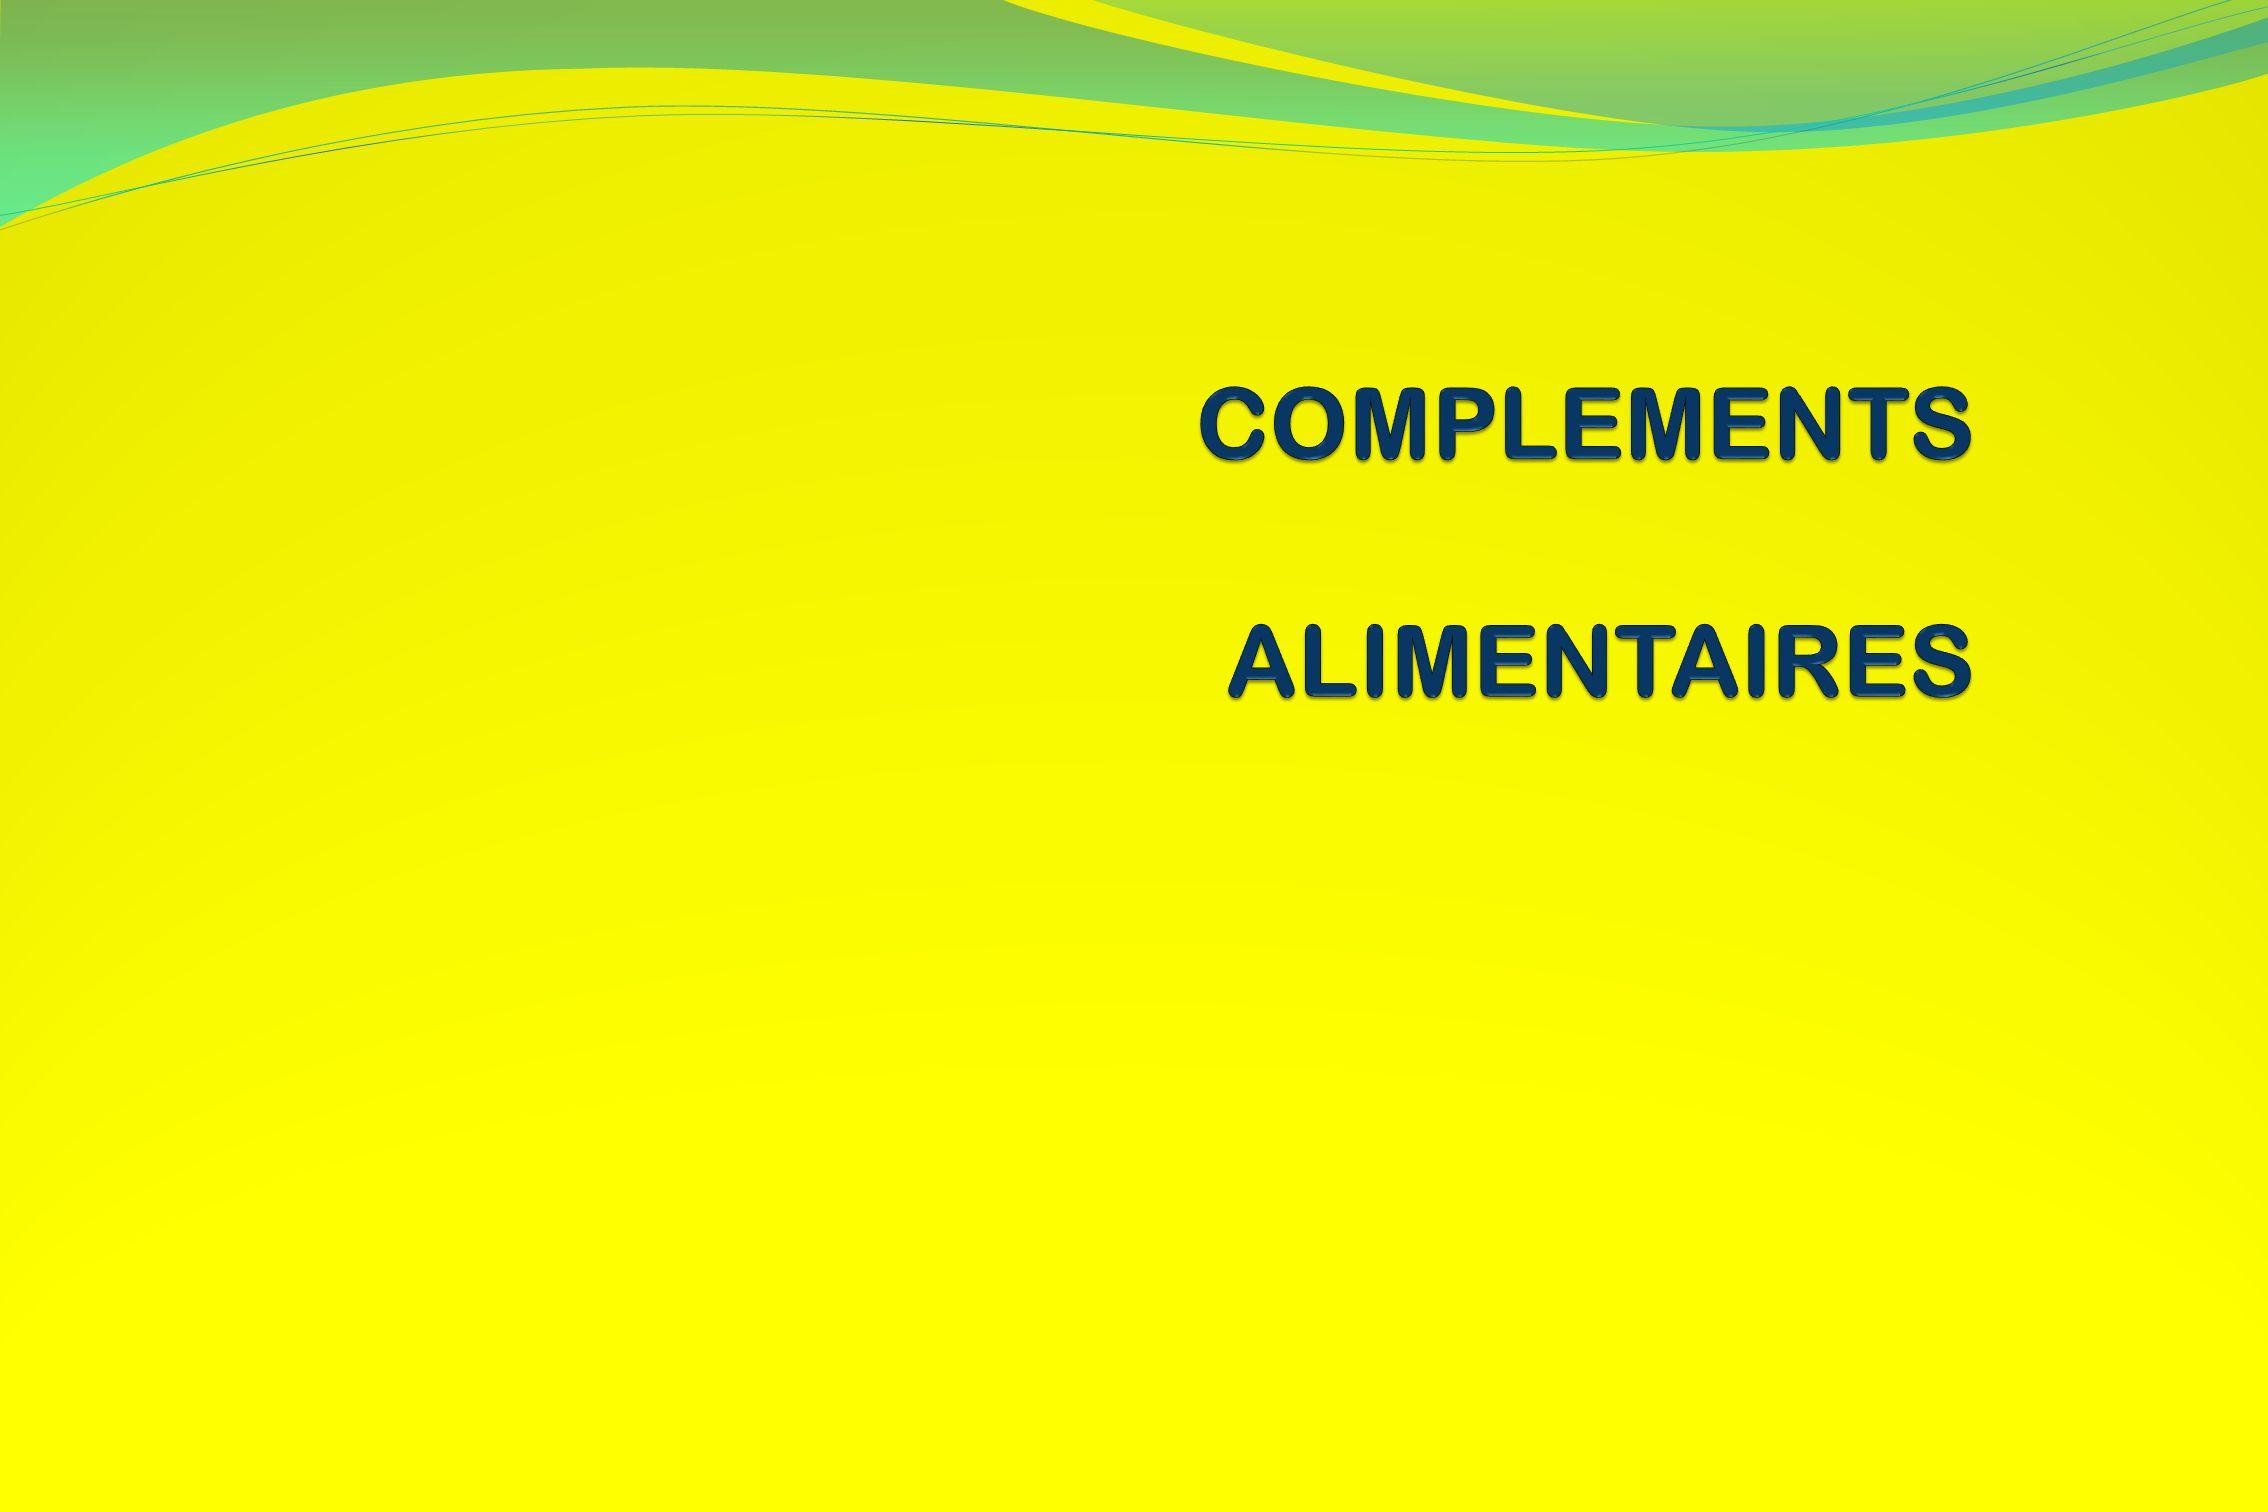 GELEE ALOES COMPOSITION : (INGREDIENTS) Gel d alo è s V é ra 85%, Tocoph é rol (vitamine E) Acide ascorbique (vitamine C), Allanto ï ne Extraits v é g é taux (avocats, camomille, concombre, romarin) FORME ET PRESENTATION : Gel é e tube de 118 ml CONSEILLE POUR : Les br û lures, engelures, é ryth è mes fessiers du b é b é, é ruptions cutan é es feu du rasoir, abrasions, piq û res d insectes, d é mangeaisons, r é actions allergiques, ger ç ures, crevasses, l è vres gerc é es, escarres etc … Zona, s é borrh é e, chute de cheveux, odeurs corporelles, mamelons sensibles chez la femme allaitante, ongles incarn é es, acn é s, tâches de vieillissement, mycoses, prurits anal, vulvaire, infections vaginales, l é sions v é n é riennes, crampes, é longations, contusions, tendinites, bursites, maladies de la bouche et des gencives, furoncles, abc è s, herp è s simple, alop é cie, h é morro ï des, pertes blanches etc … MODE D EMPLOI : CONSEILS D UTILISATION Nettoyer soigneusement la peau et appliquer g é n é reusement la gel é e puis masser pendant 5 minutes.